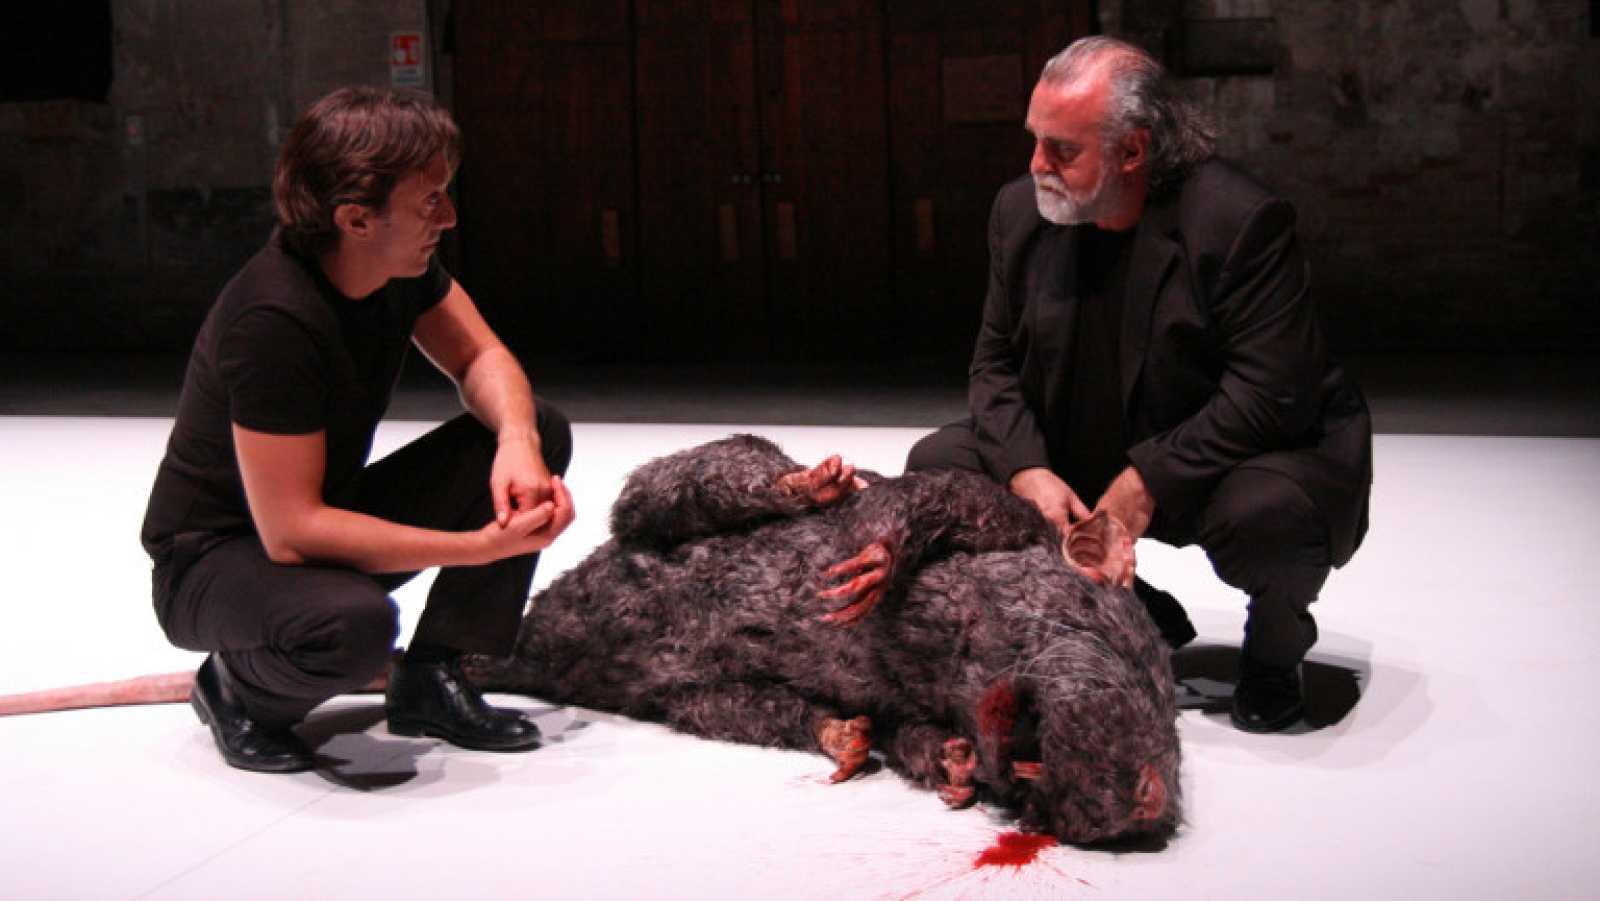 Àlex Rigola mira a Roberto Bolaño en 'El policía de las ratas' - Ver ahora